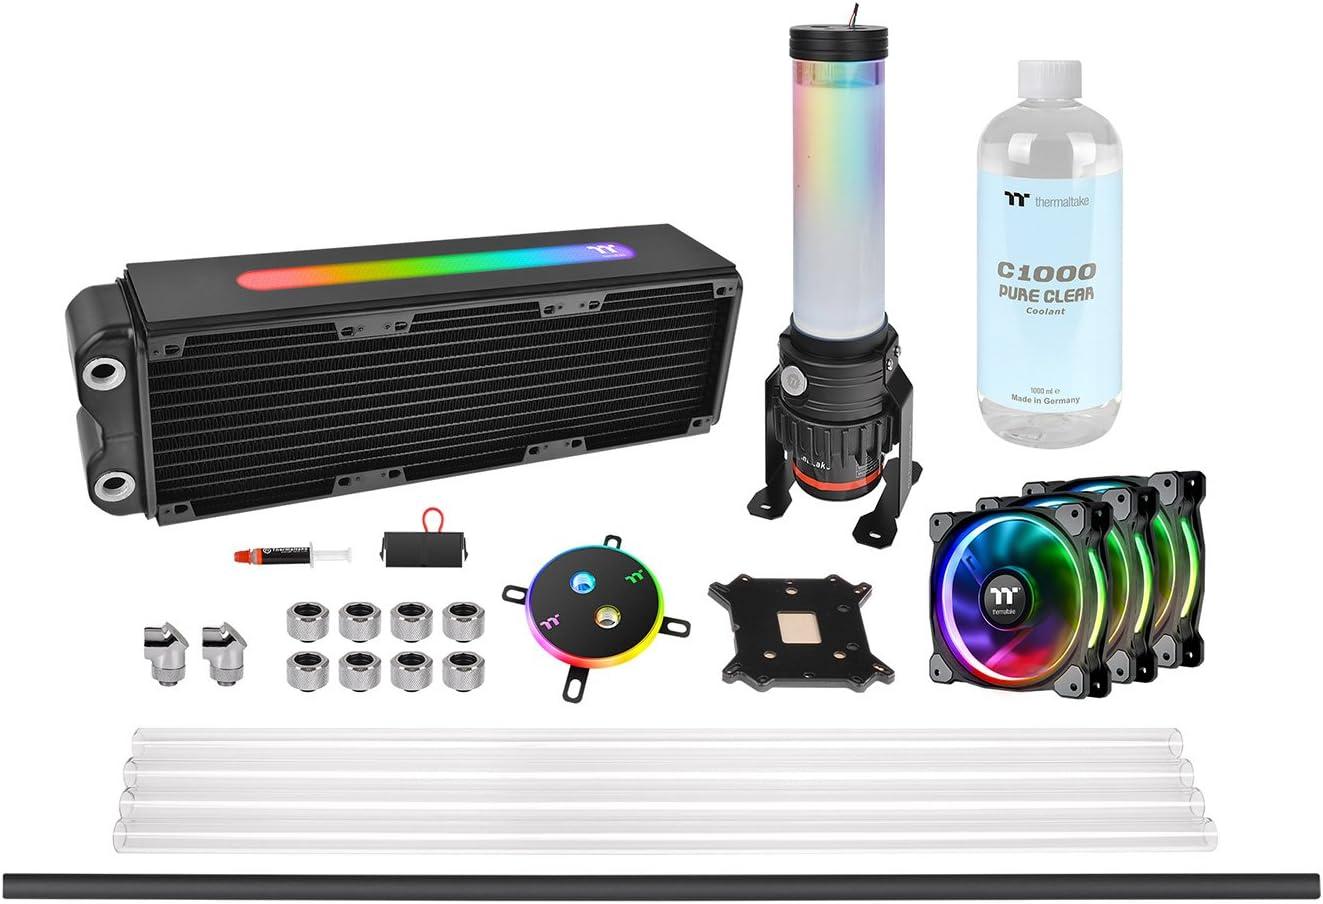 Thermaltake Pacific M360 Plus D5 - Watercooling Kit/Sistema de refrigeración líquida, Color Negro